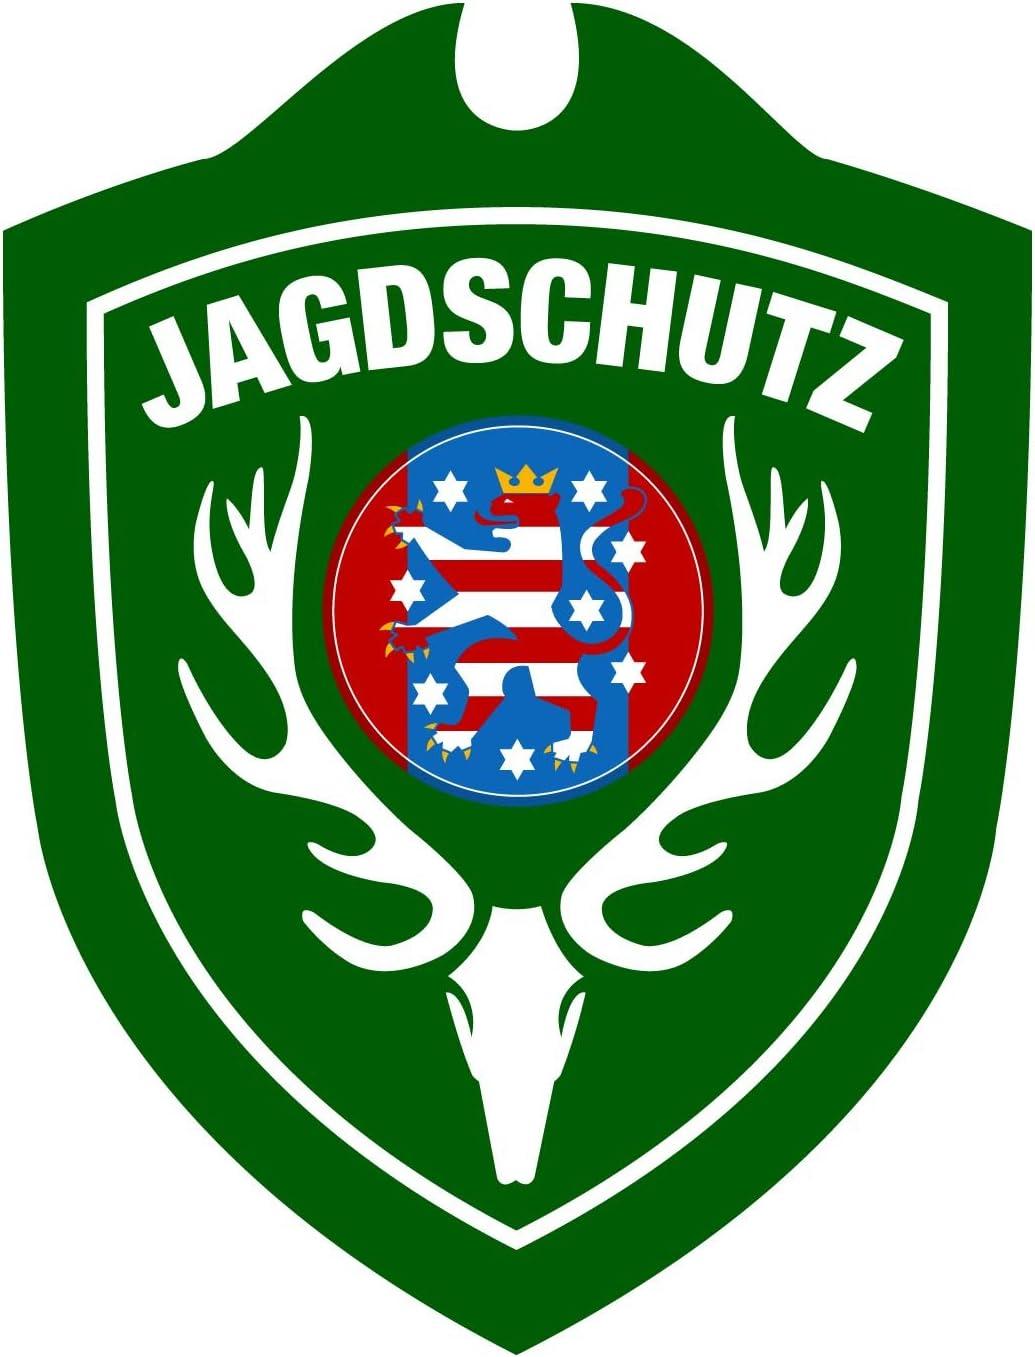 Erwachsene Jagdschutz Th/üringen Autoschild One Size Gr/ün Waidmannsbruecke Unisex/